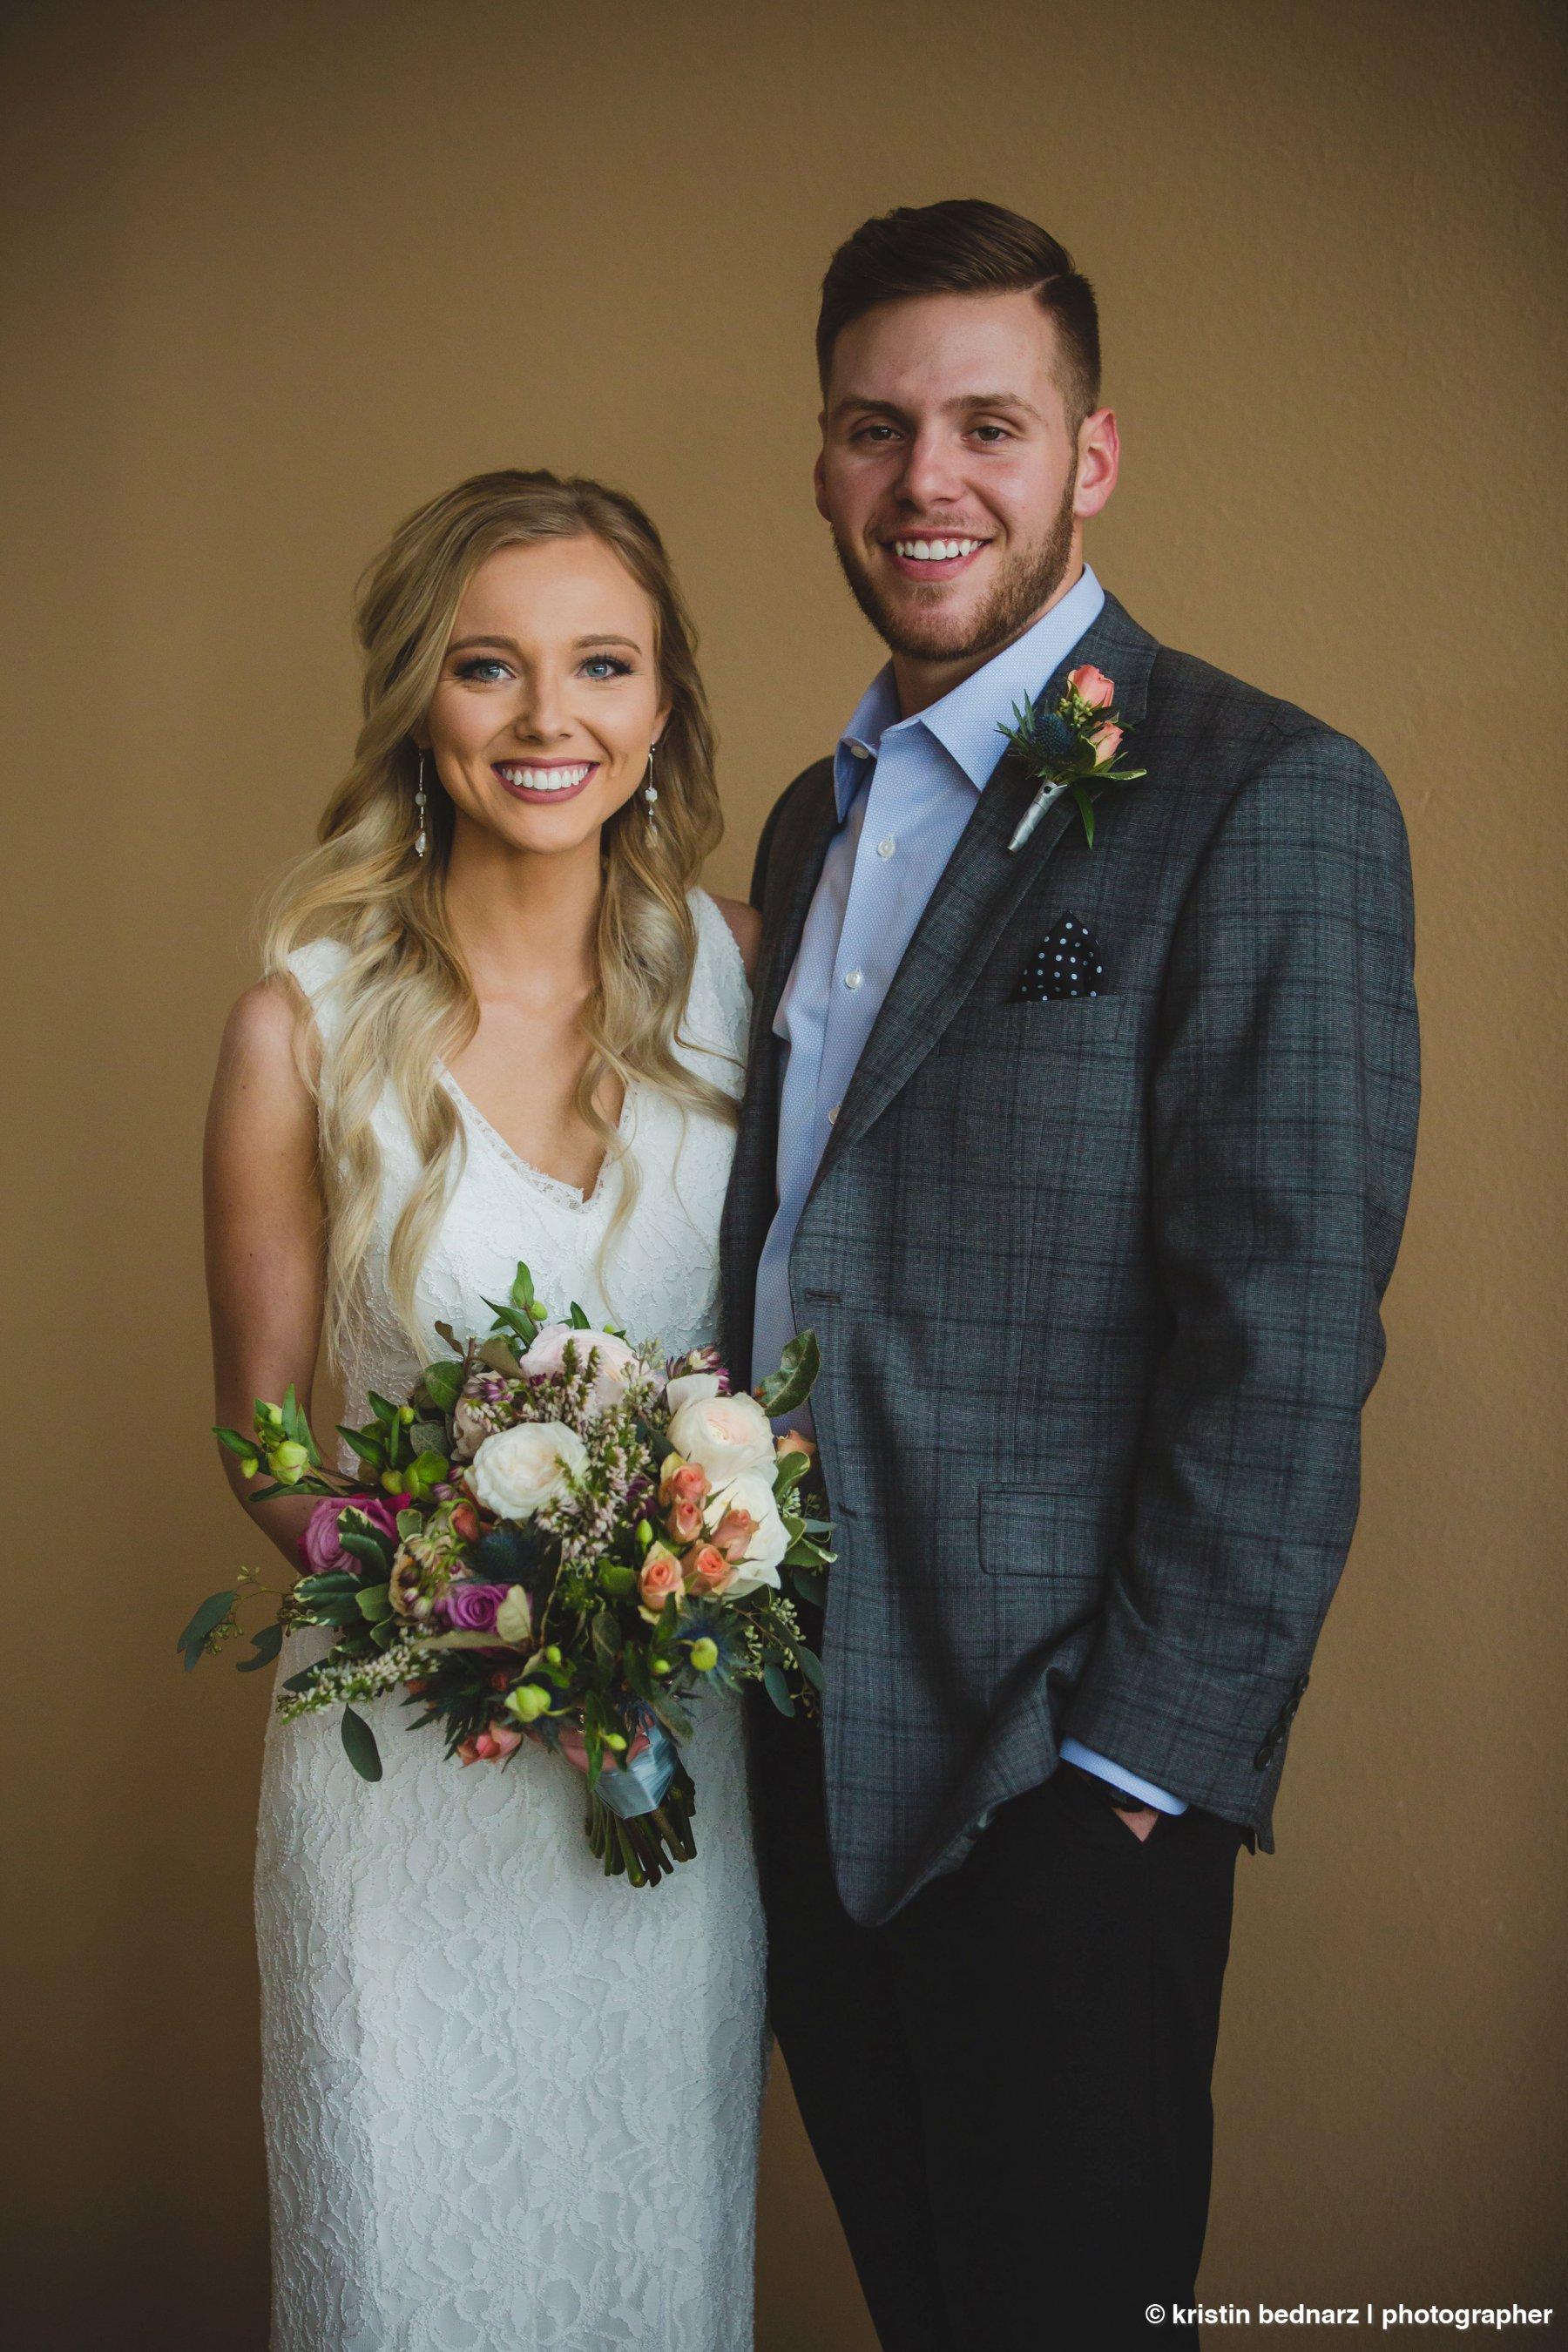 kristin_bednarz_wedding_photographer_20190214_00056sneak_peek.JPG